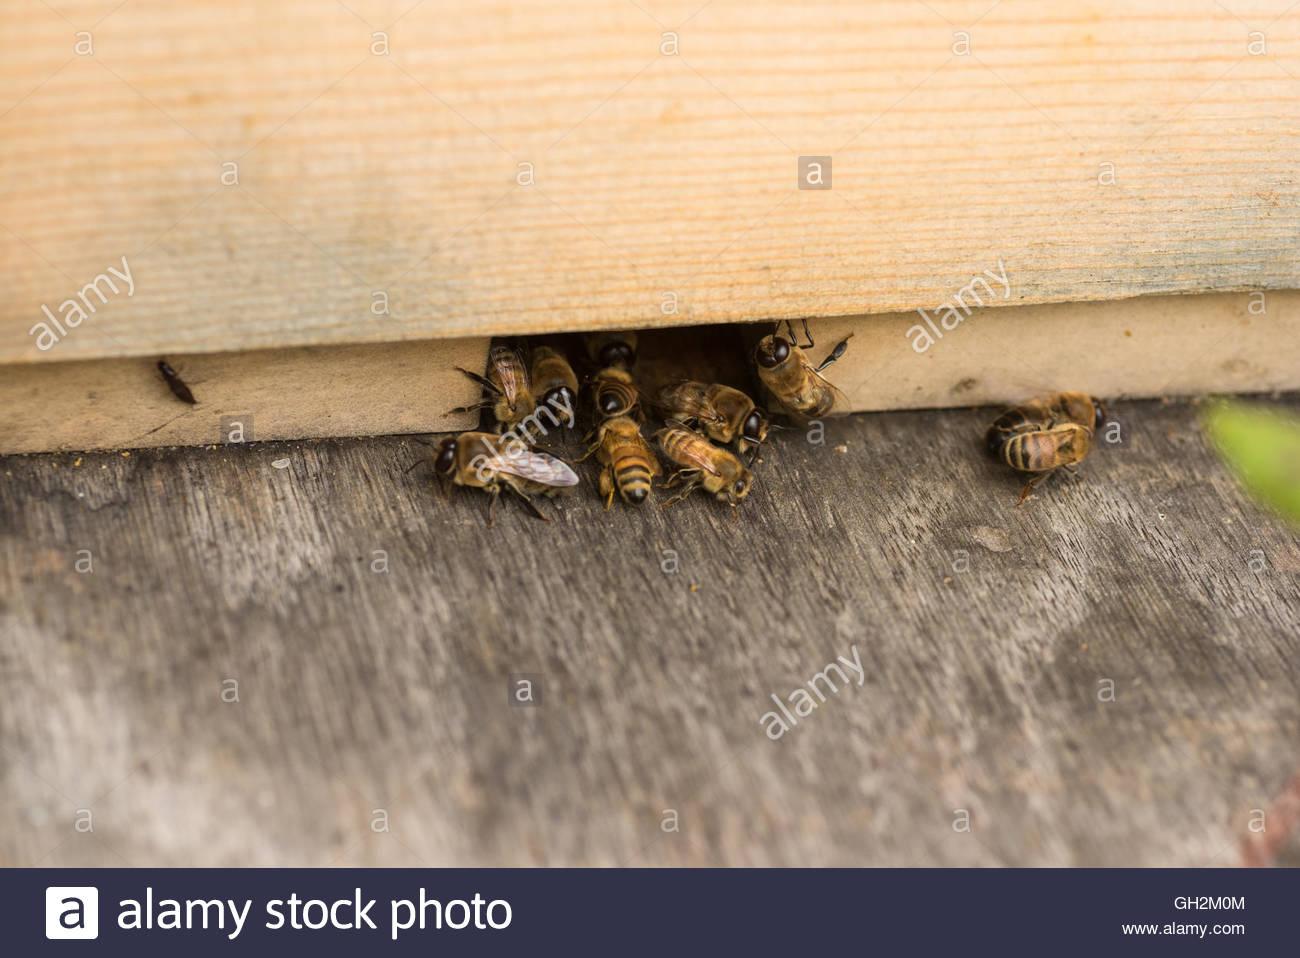 Las abejas obreras pateando drones fuera de la colmena. Imagen De Stock